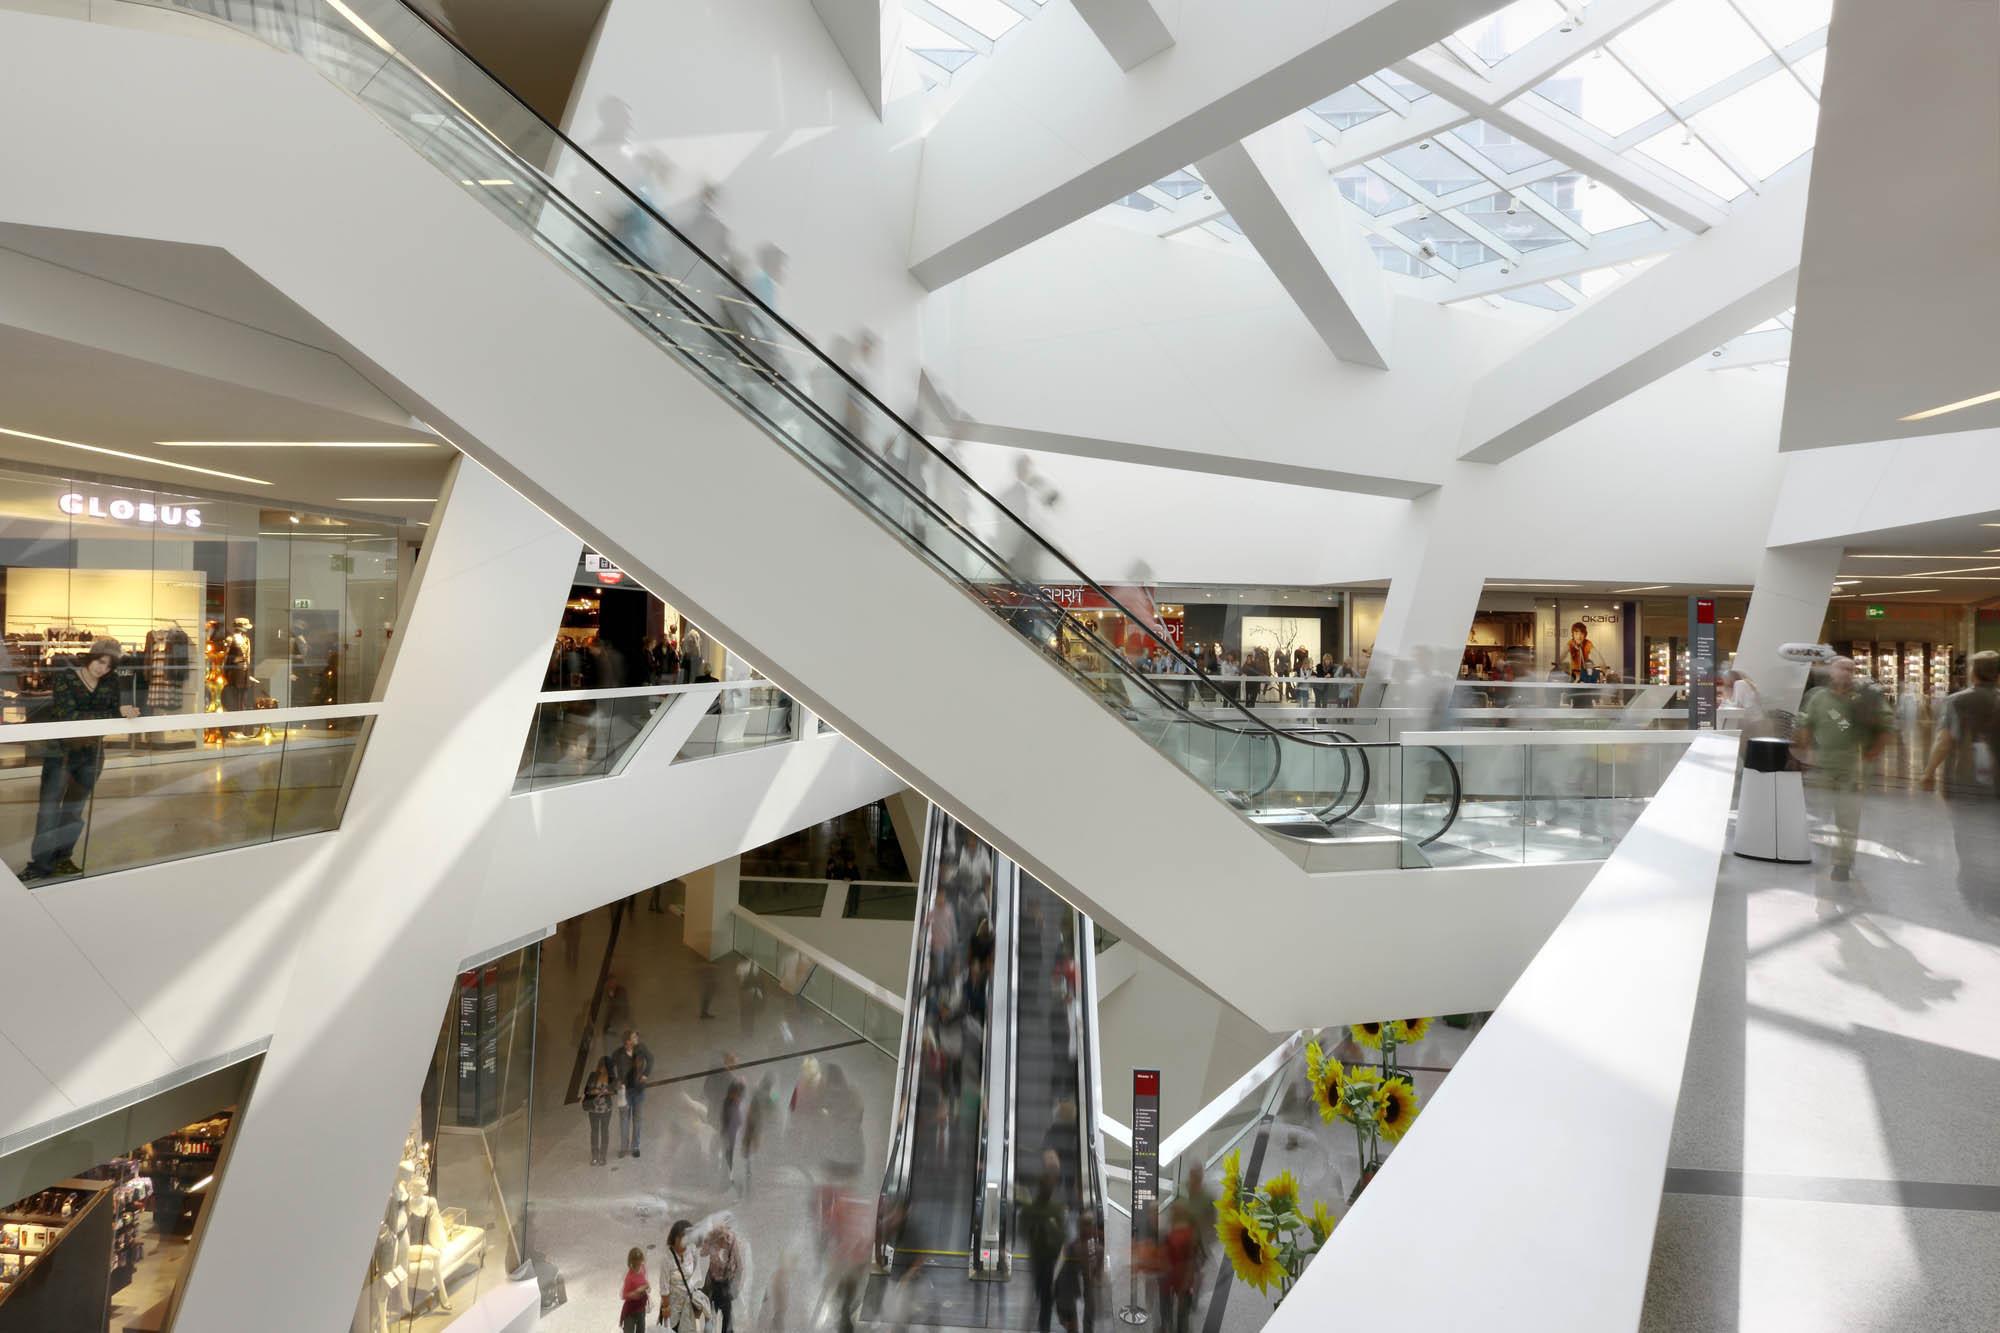 Royal Ontario Museum Floor Plan Gallery Of Westside Bruennen Daniel Libeskind 13